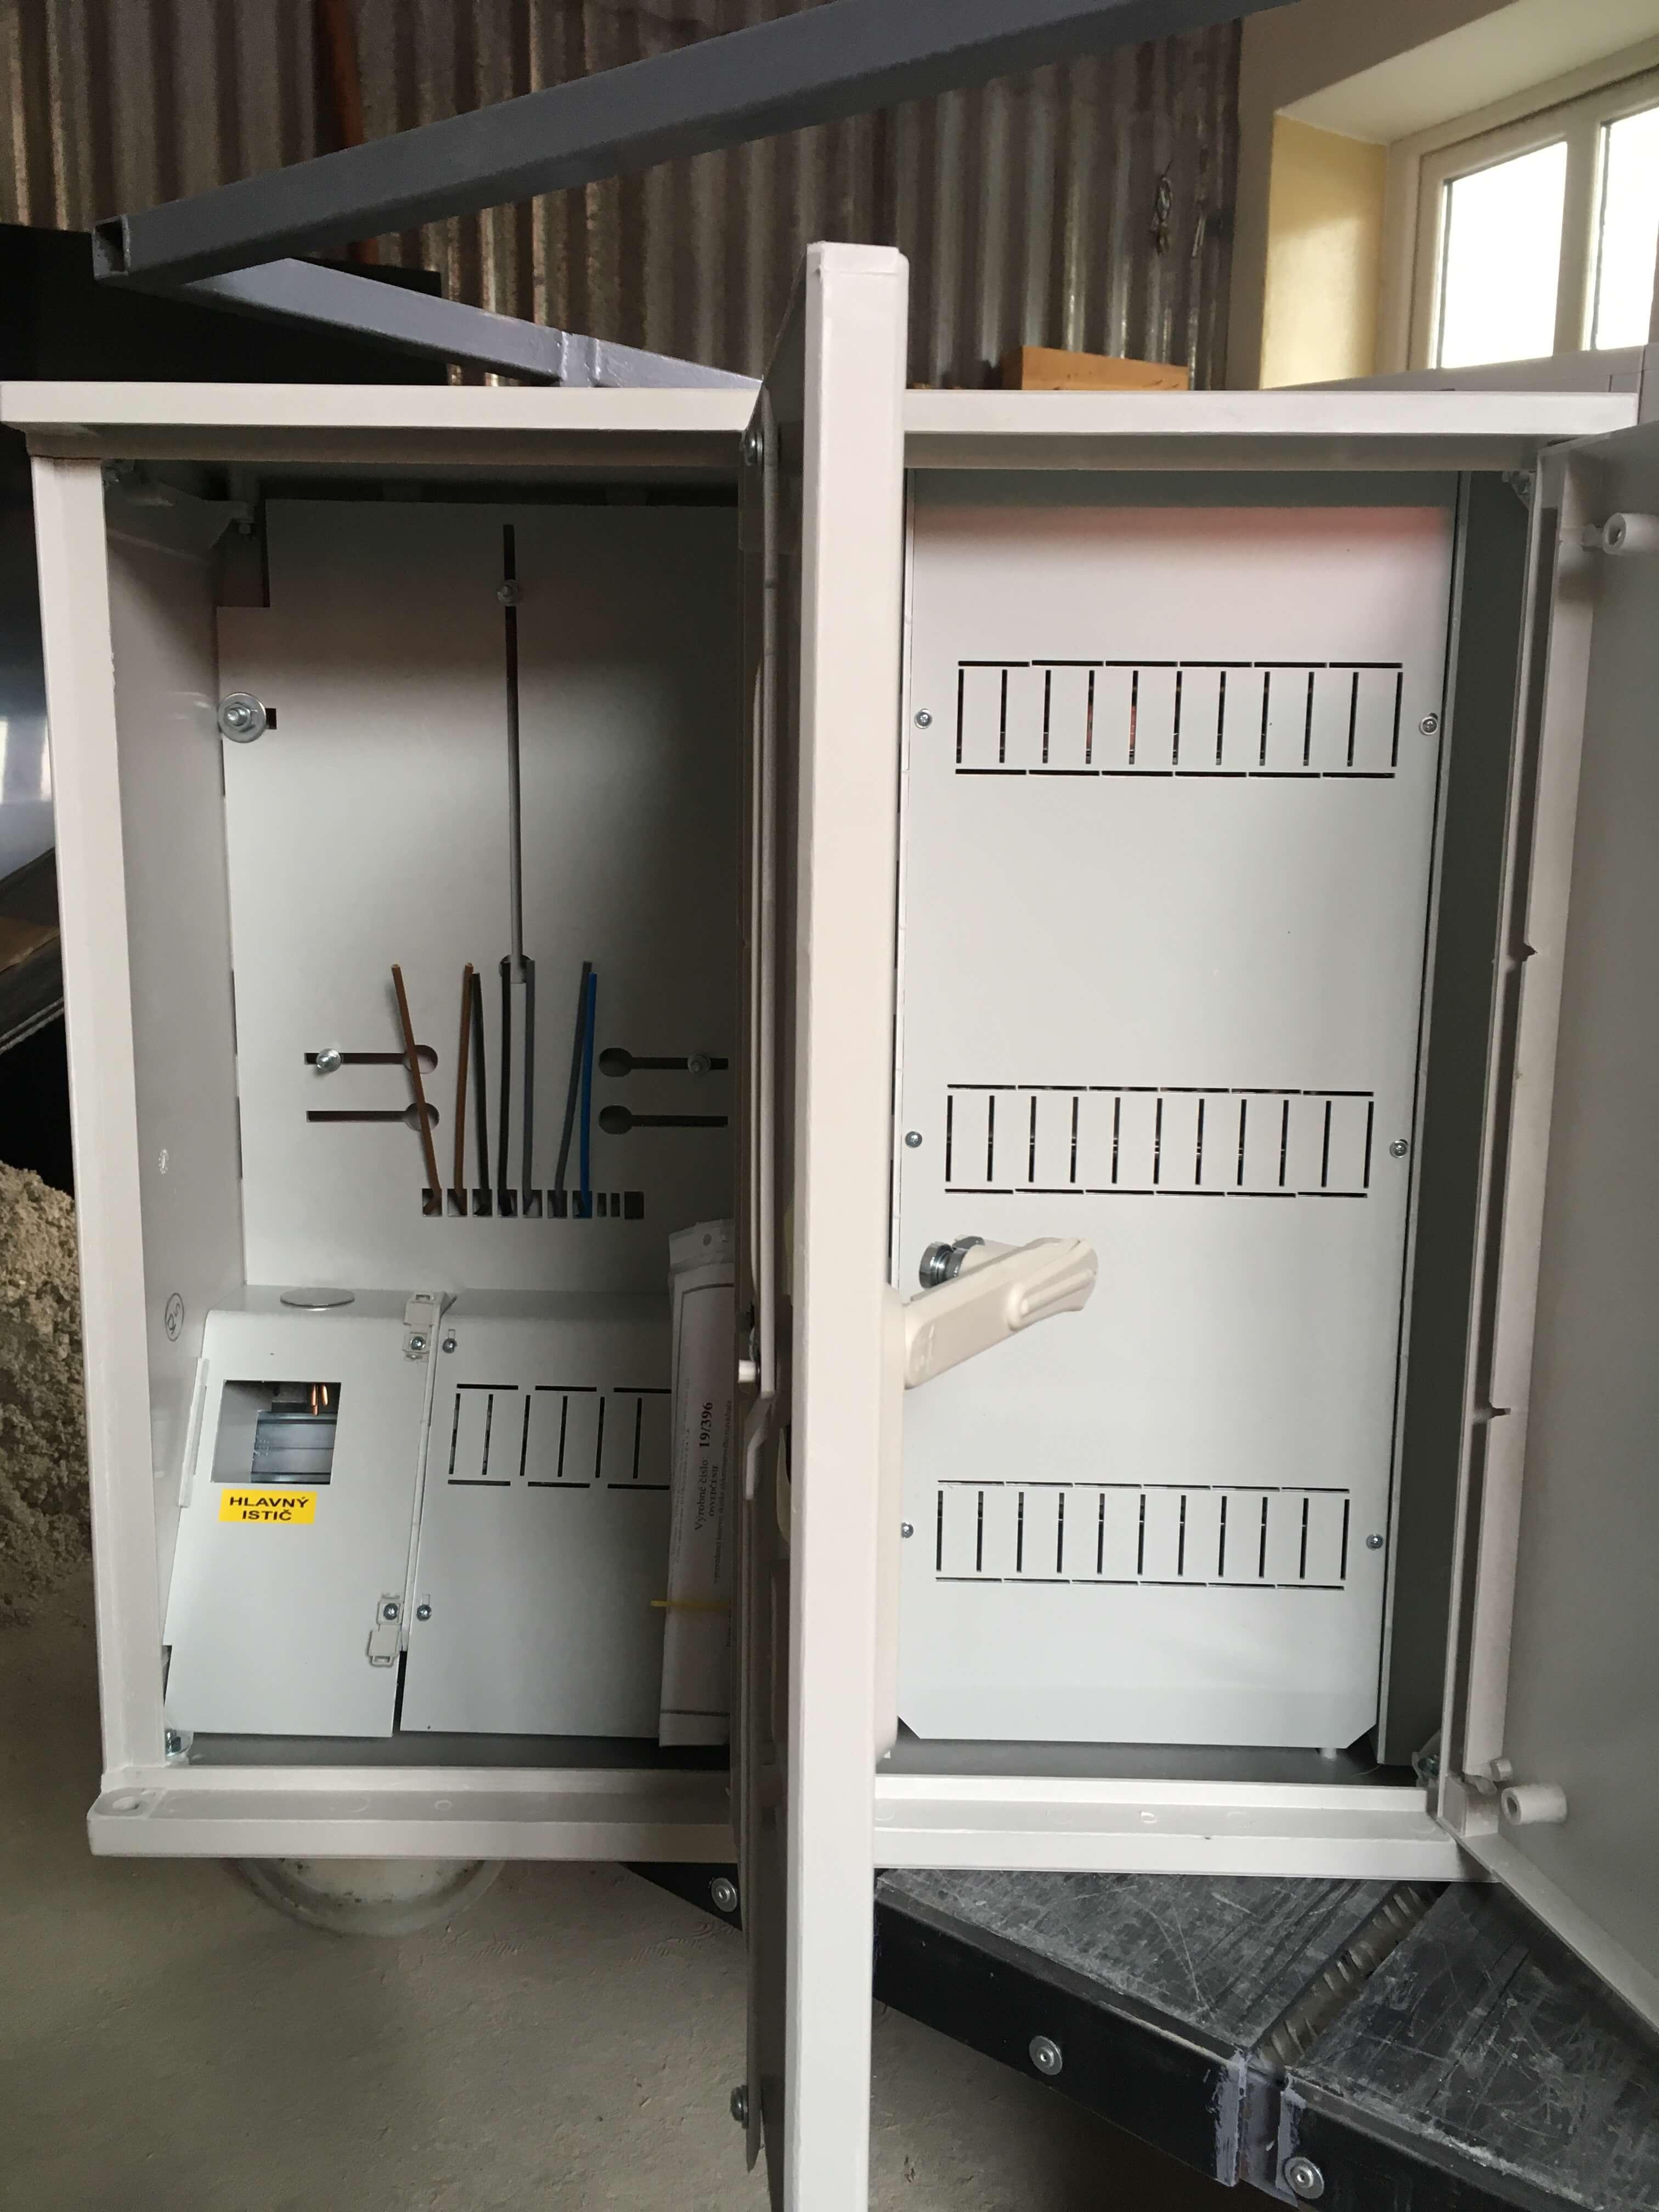 E1R+36M vyhotovenie v dvoch skriniach